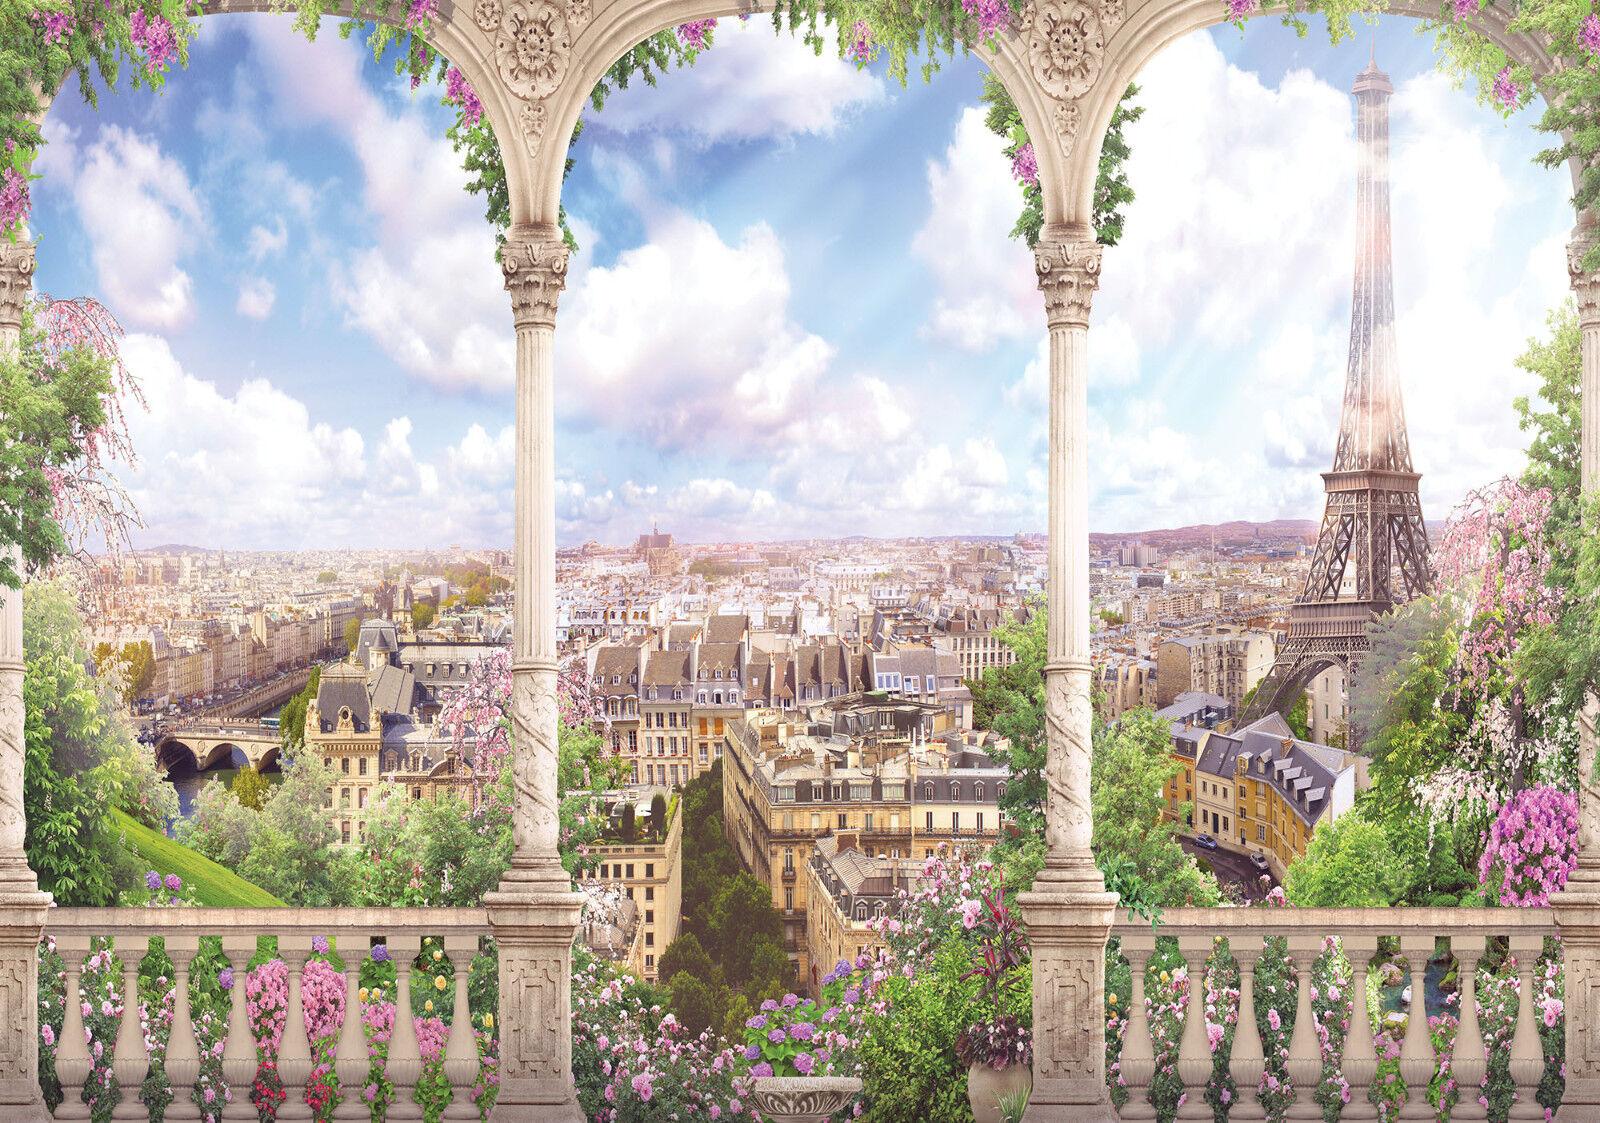 VLIES Fototapete-PARIS-(11417)-Design Stadt Frankreich Skyline Terrasse City xxl